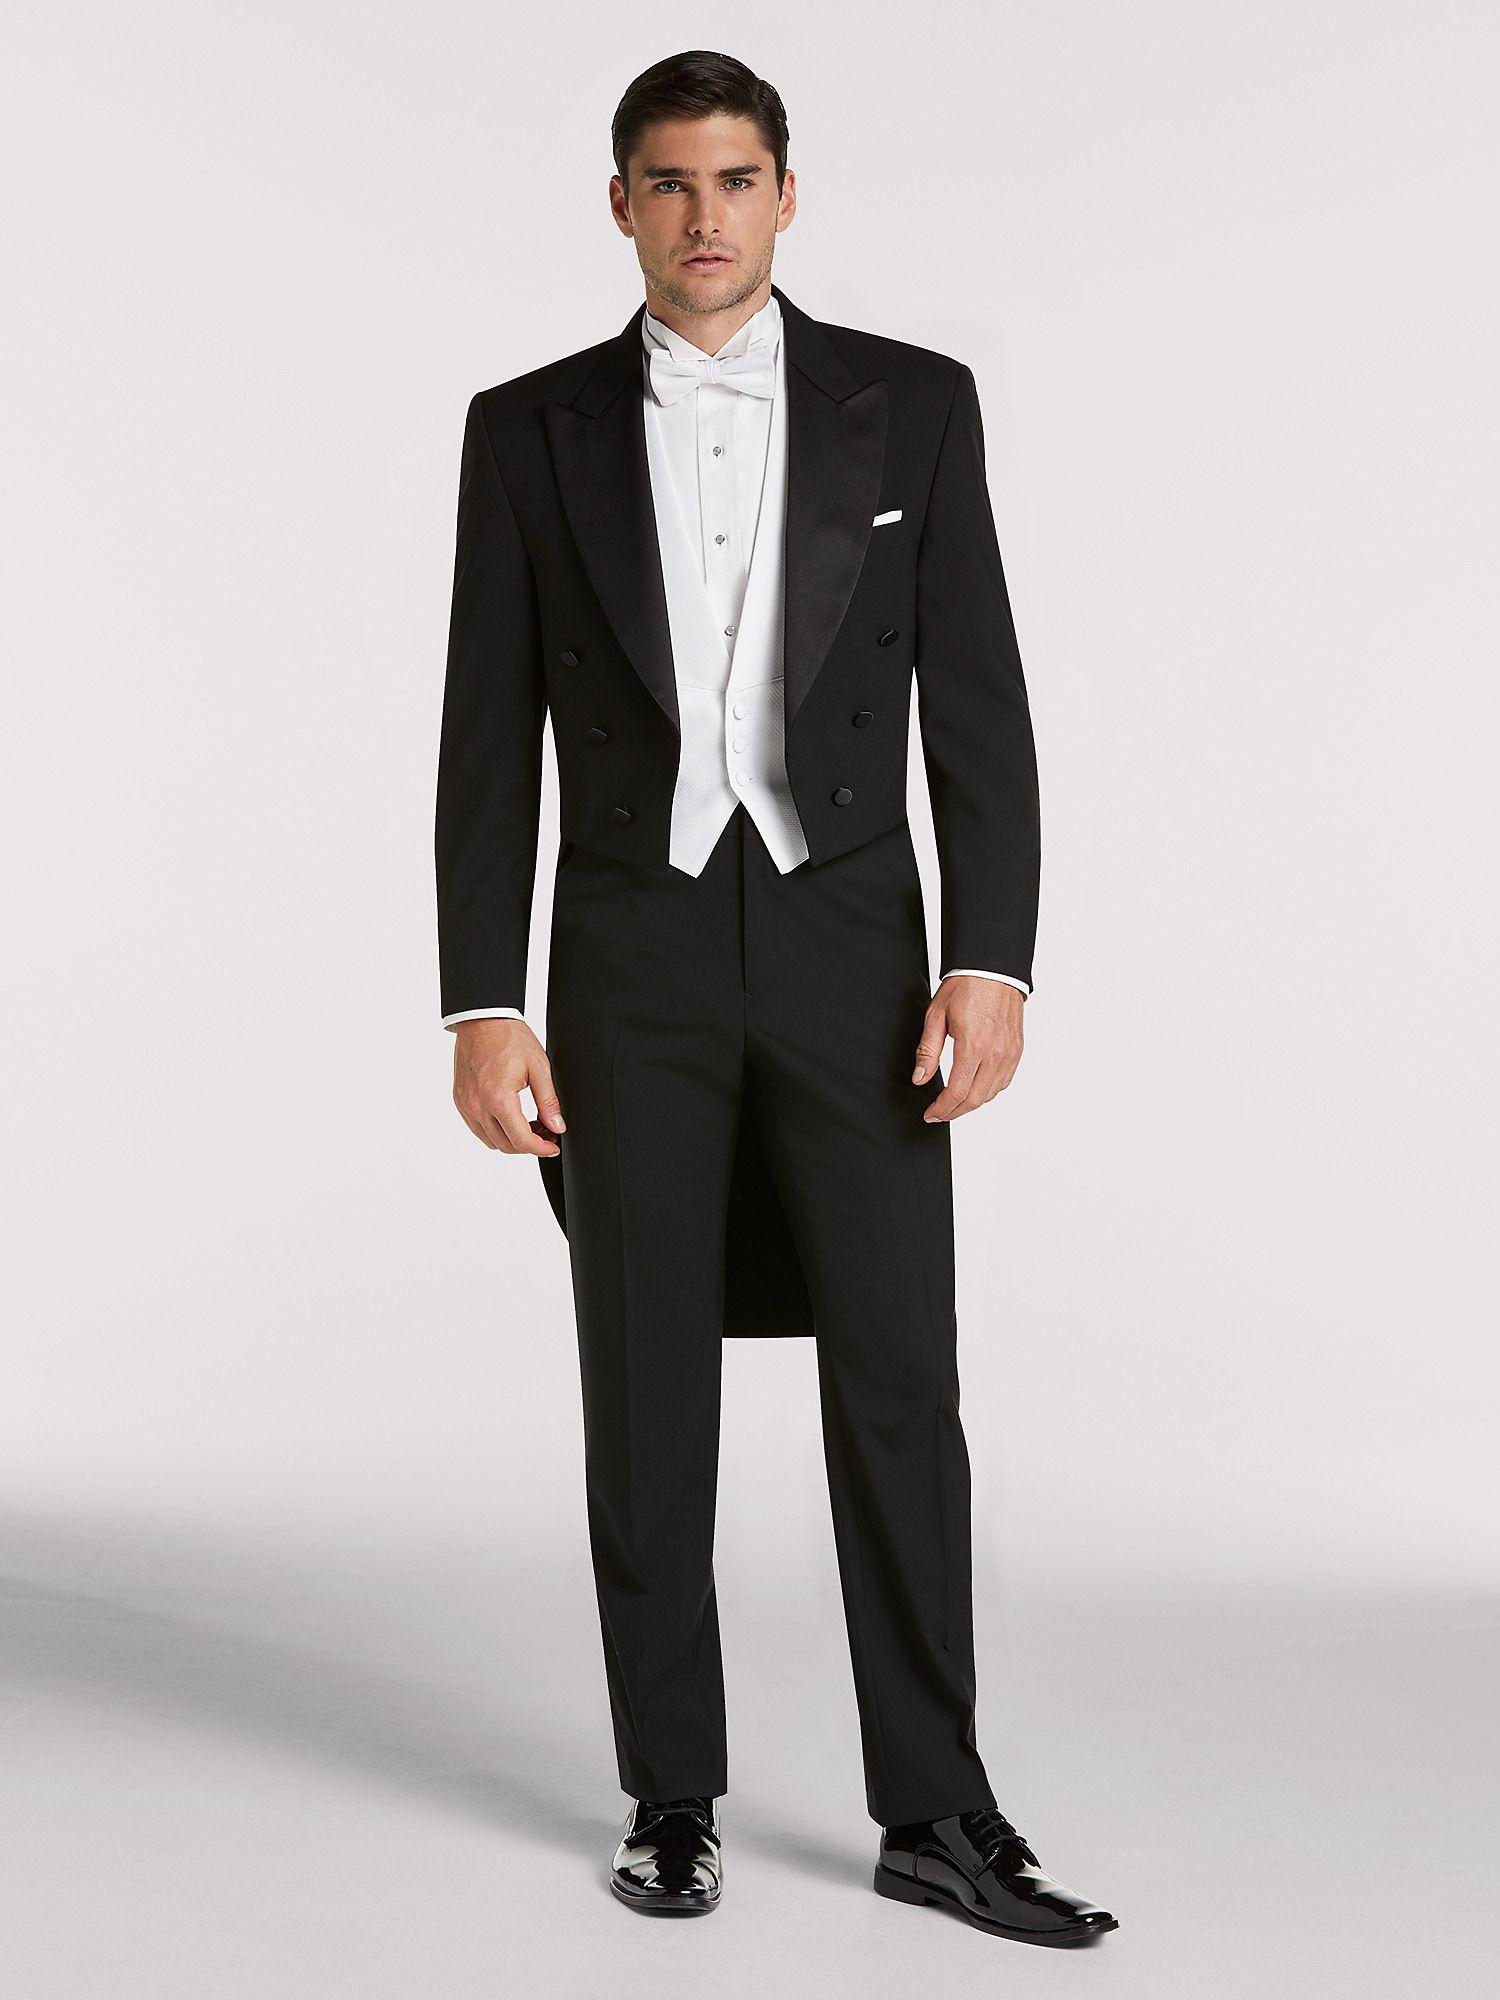 Black Full Dress Tail Tux by Joseph & Feiss Tuxedo